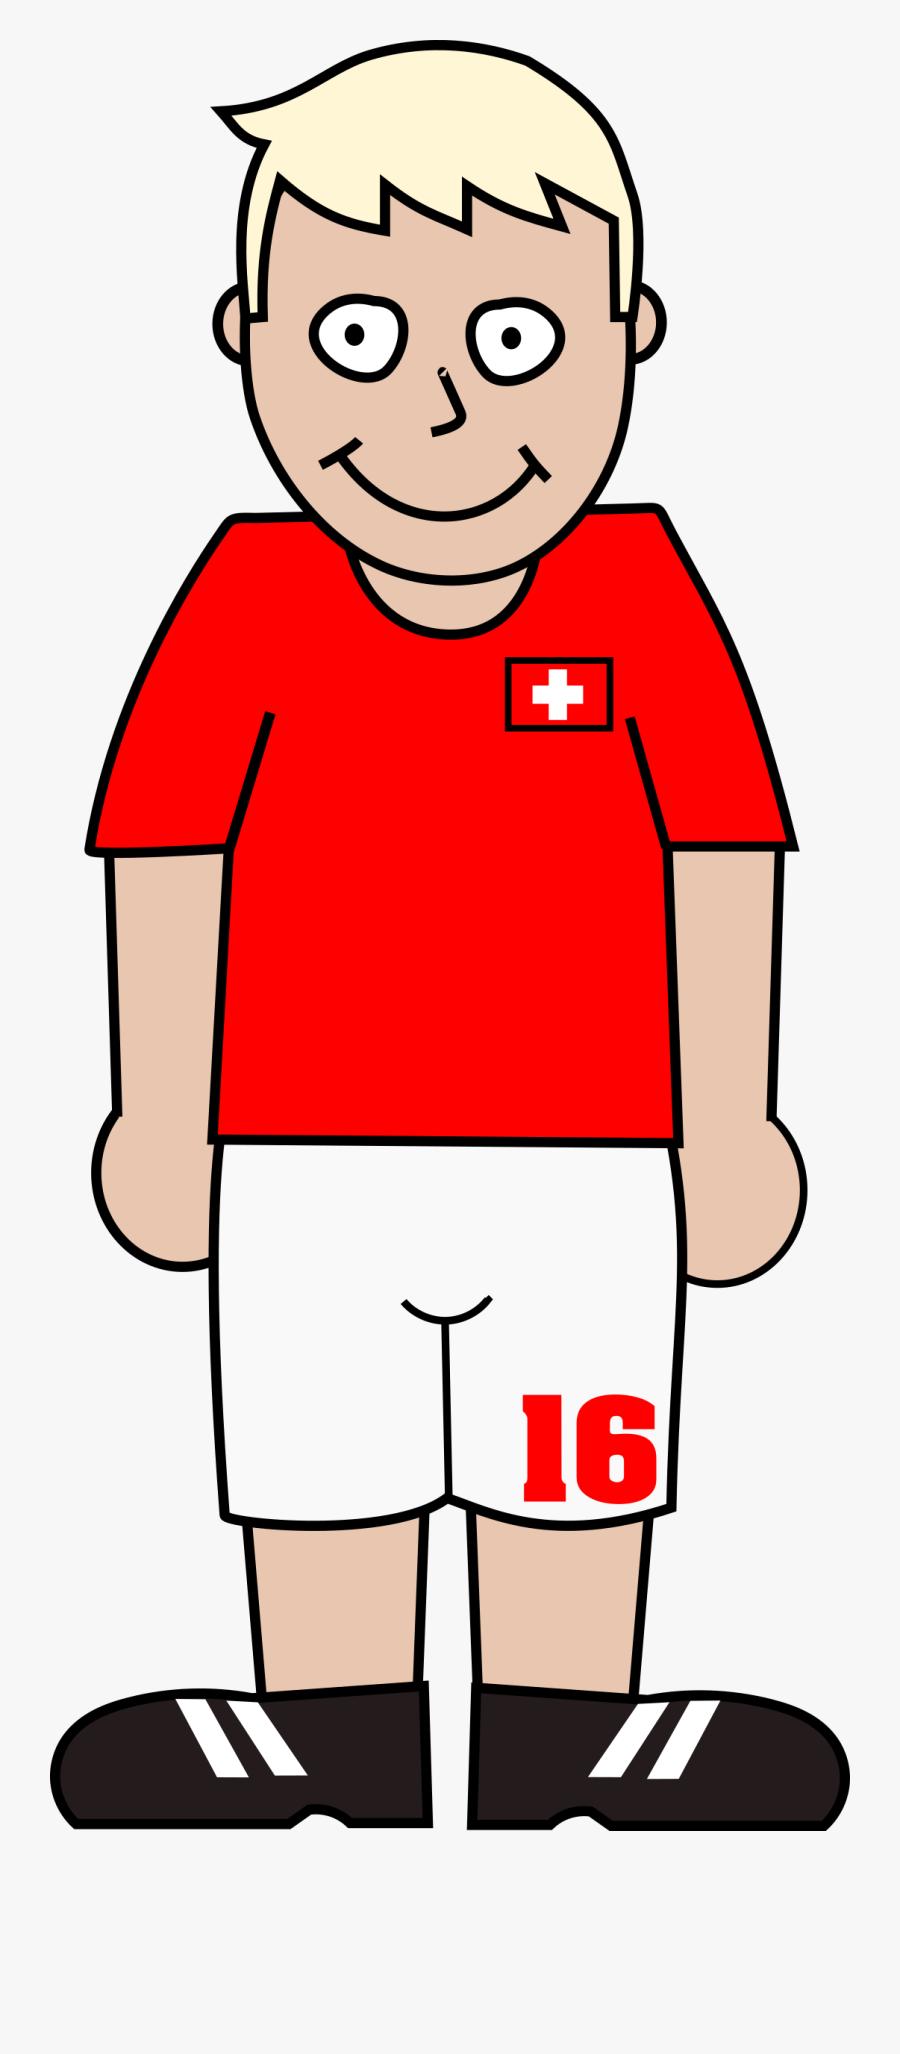 Football Player Switzerland Jpg Transparent Stock - Soccer Player Clip Art, Transparent Clipart